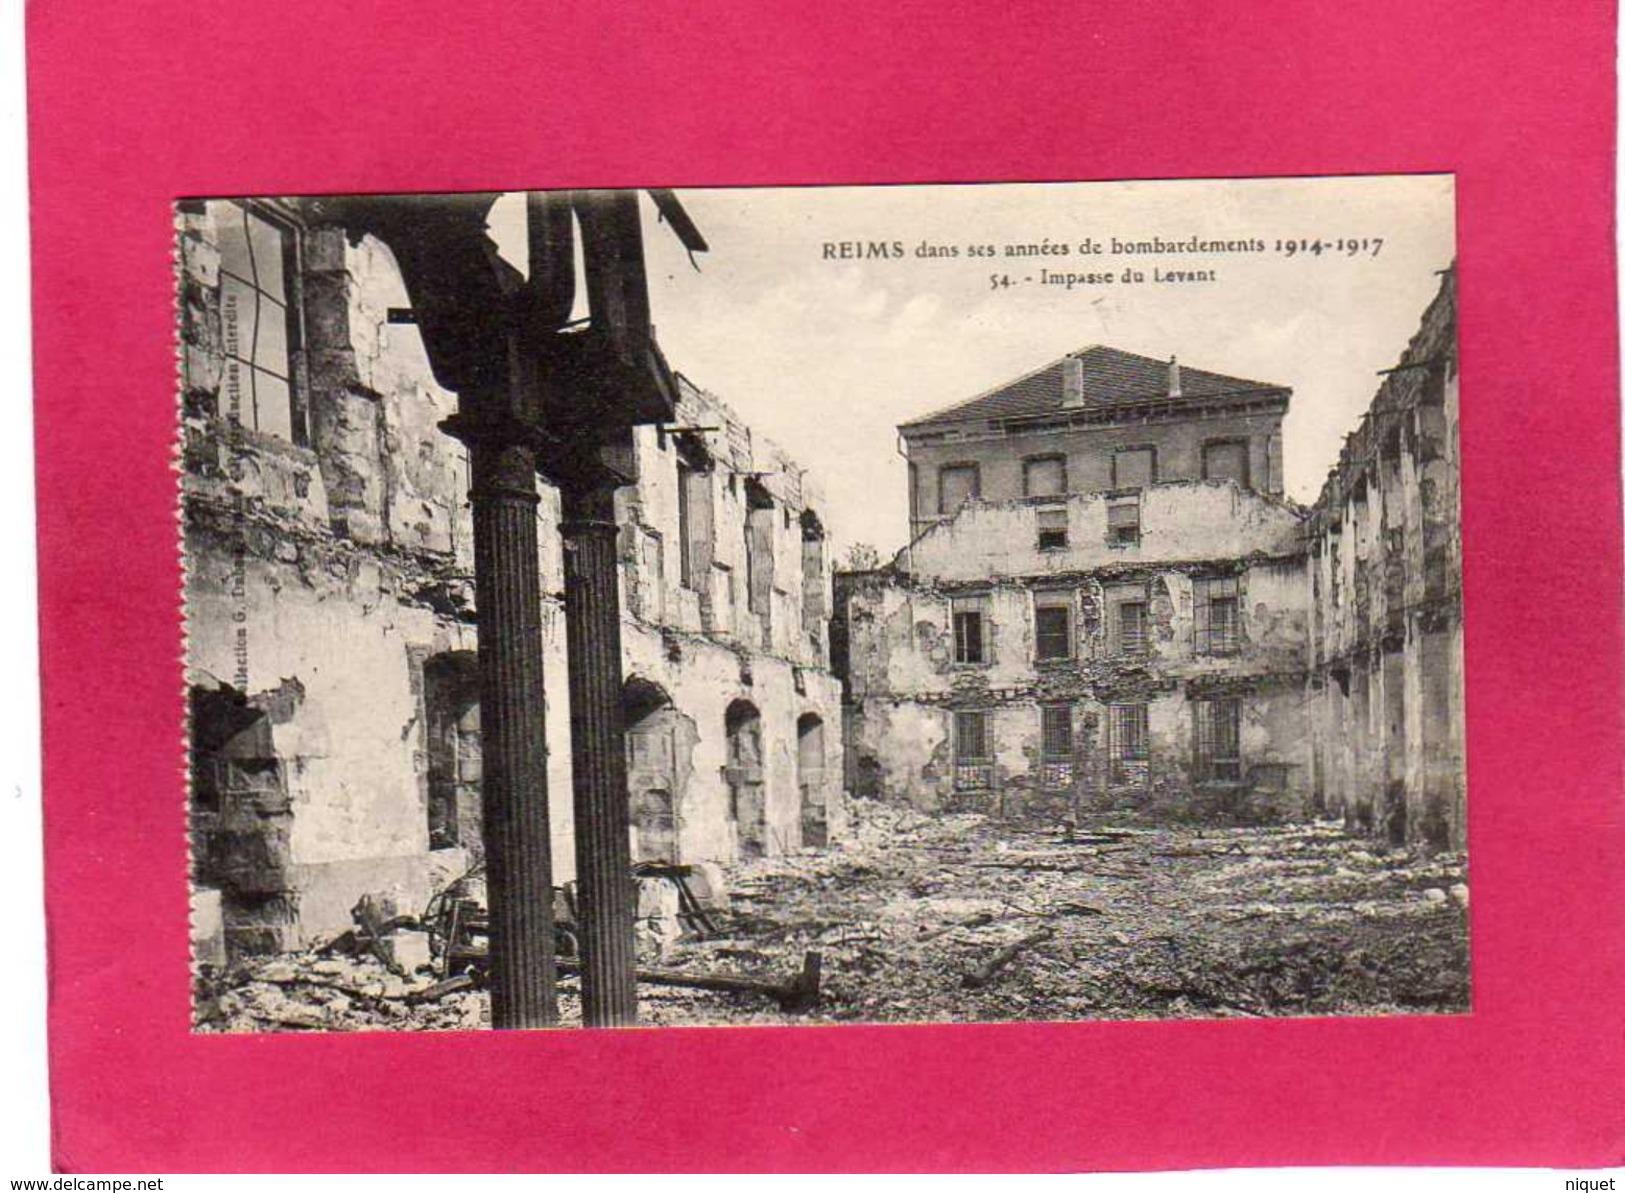 51 Marne, Reims, Bombardements Guerre 1914-17, Impasse Du Levant, 2, (G. Dubois), Militaria - Guerra 1914-18